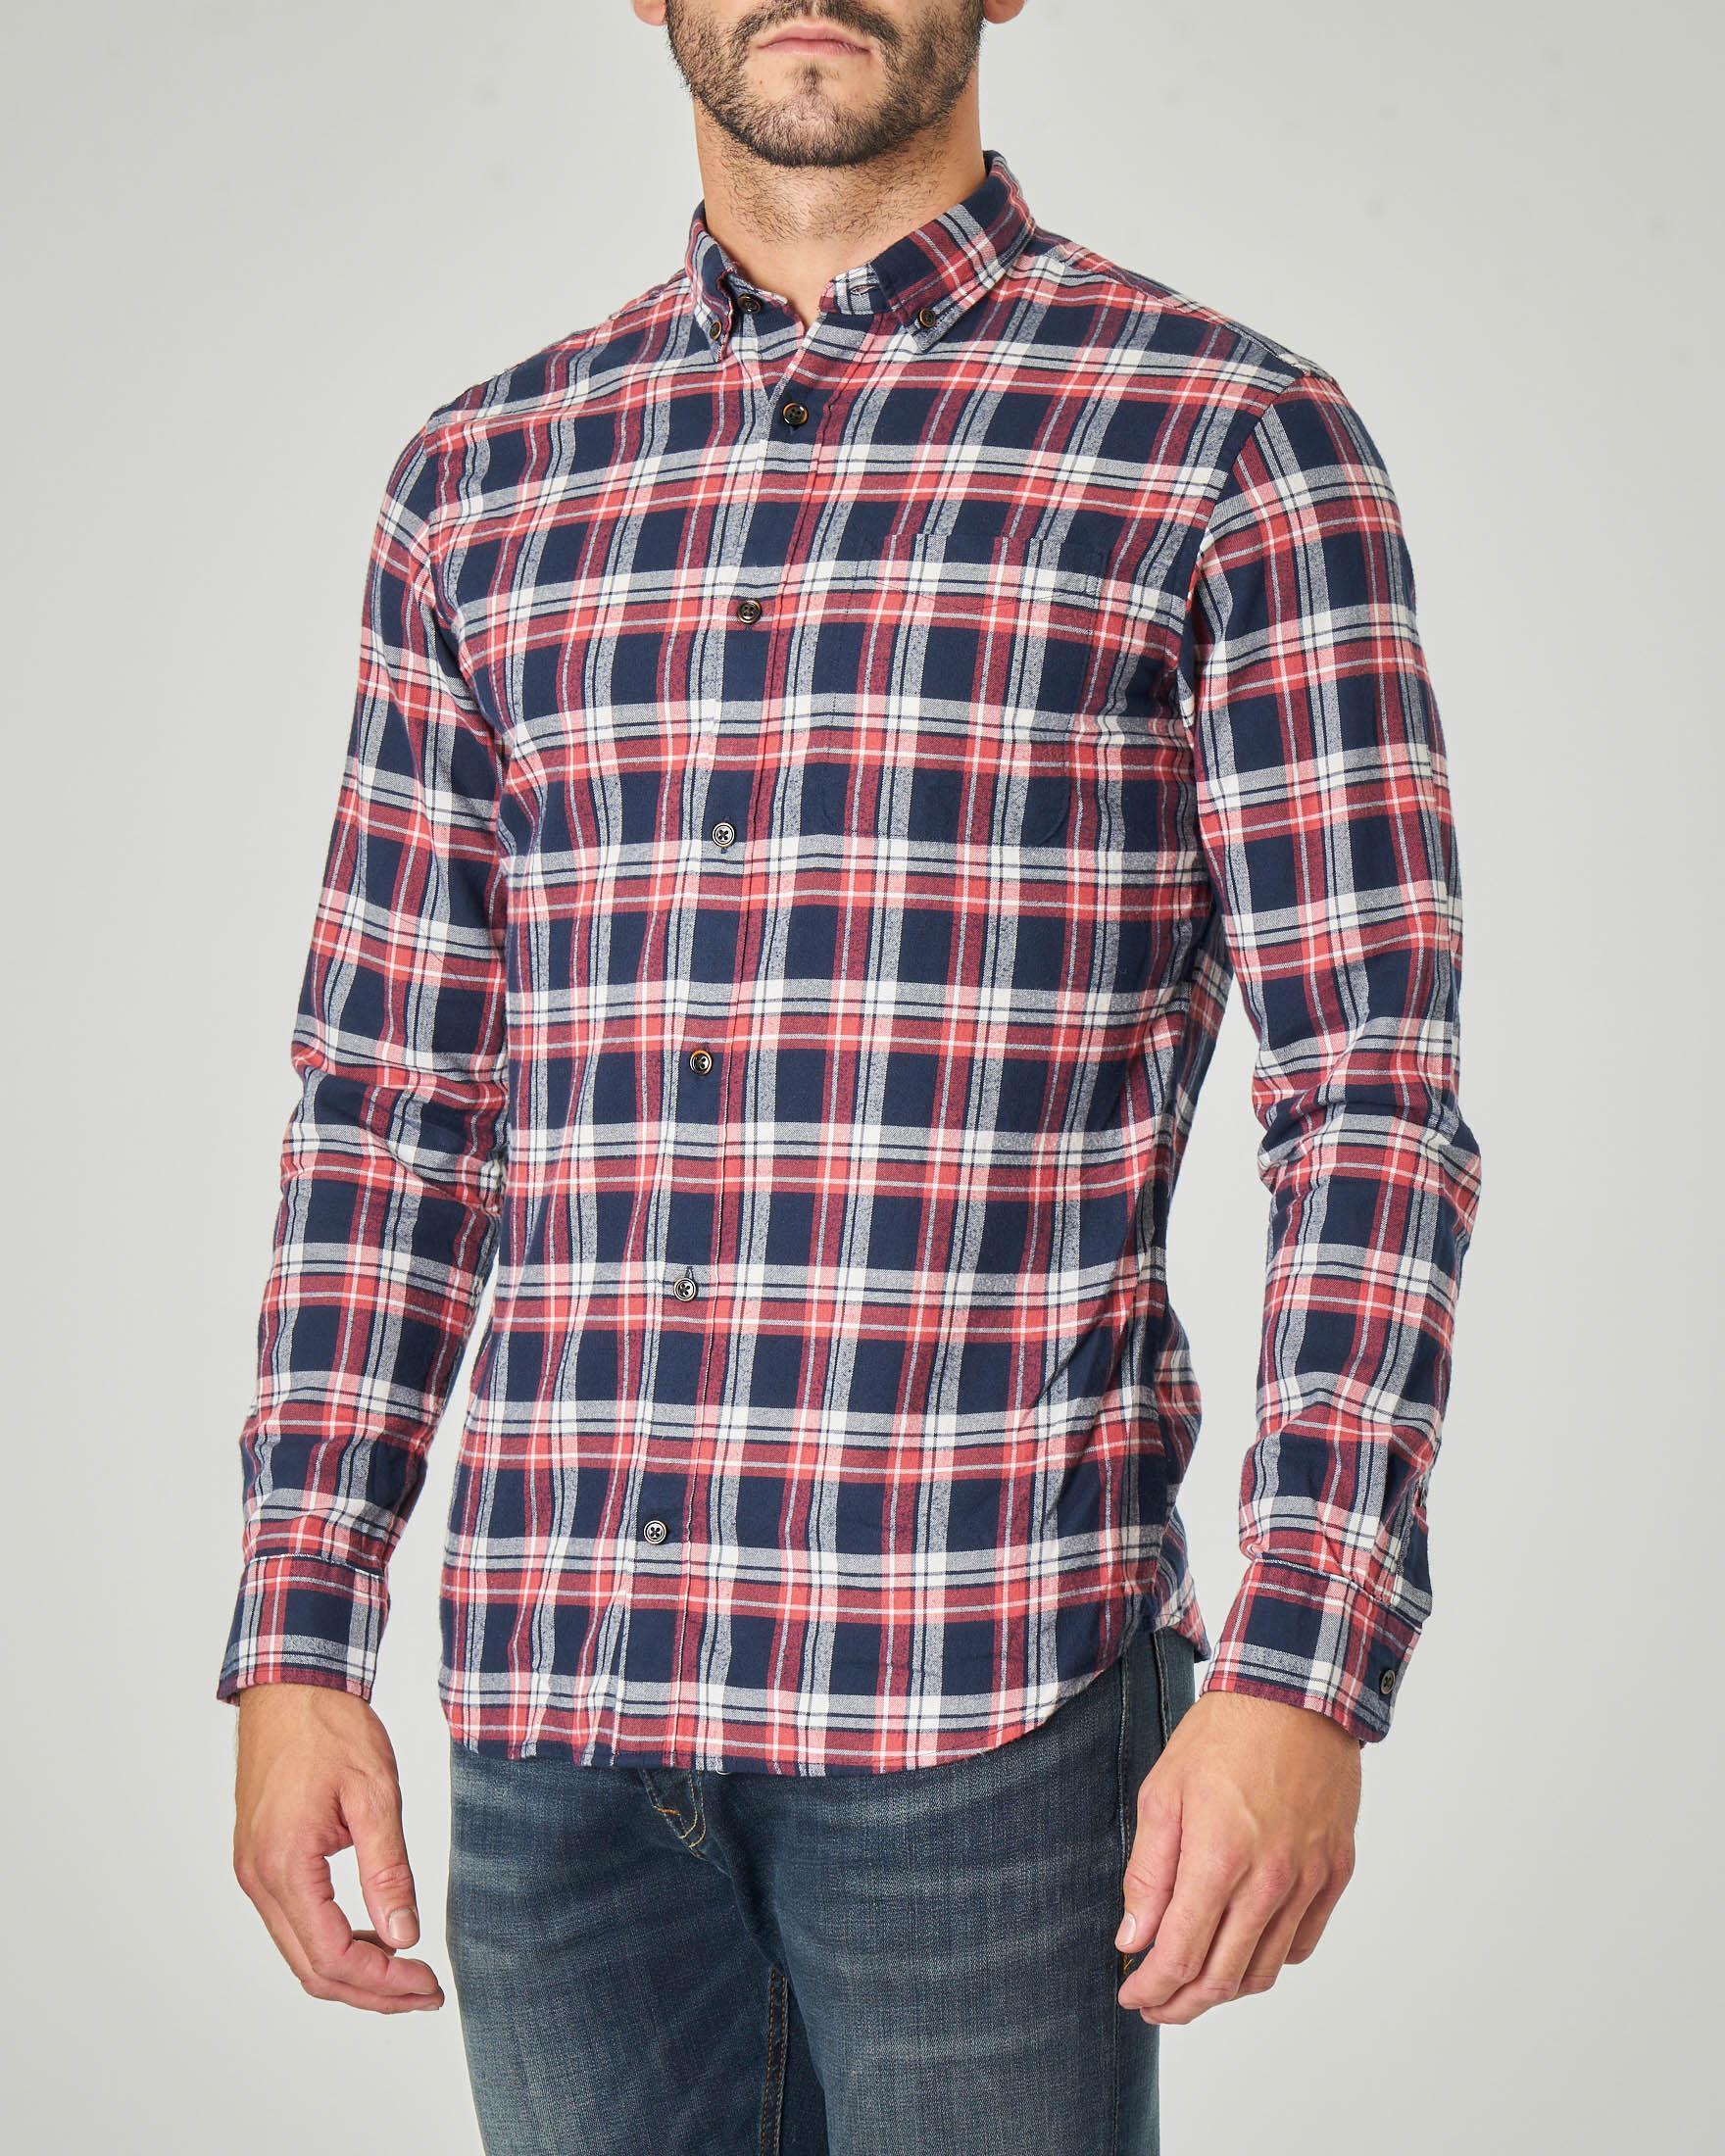 Camicia a quadri blu e rossa in flanella di cotone